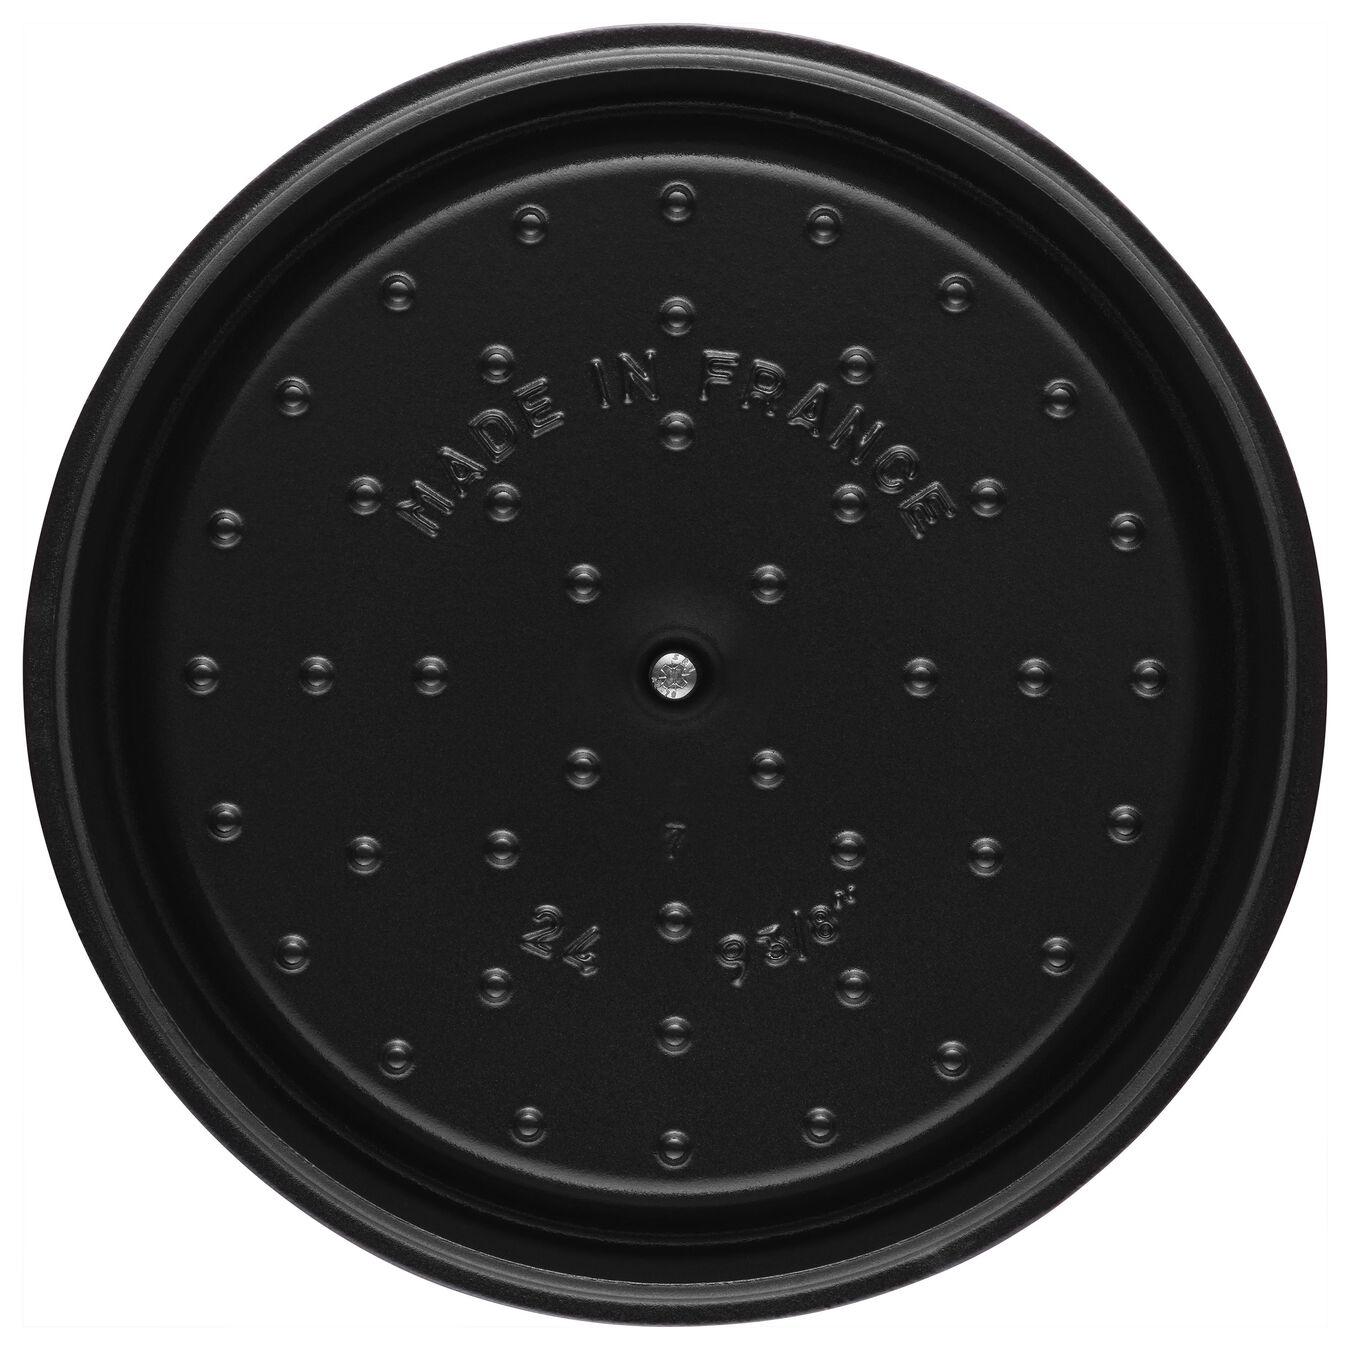 Cocotte 18 cm, rund, Bordeaux, Gusseisen,,large 6